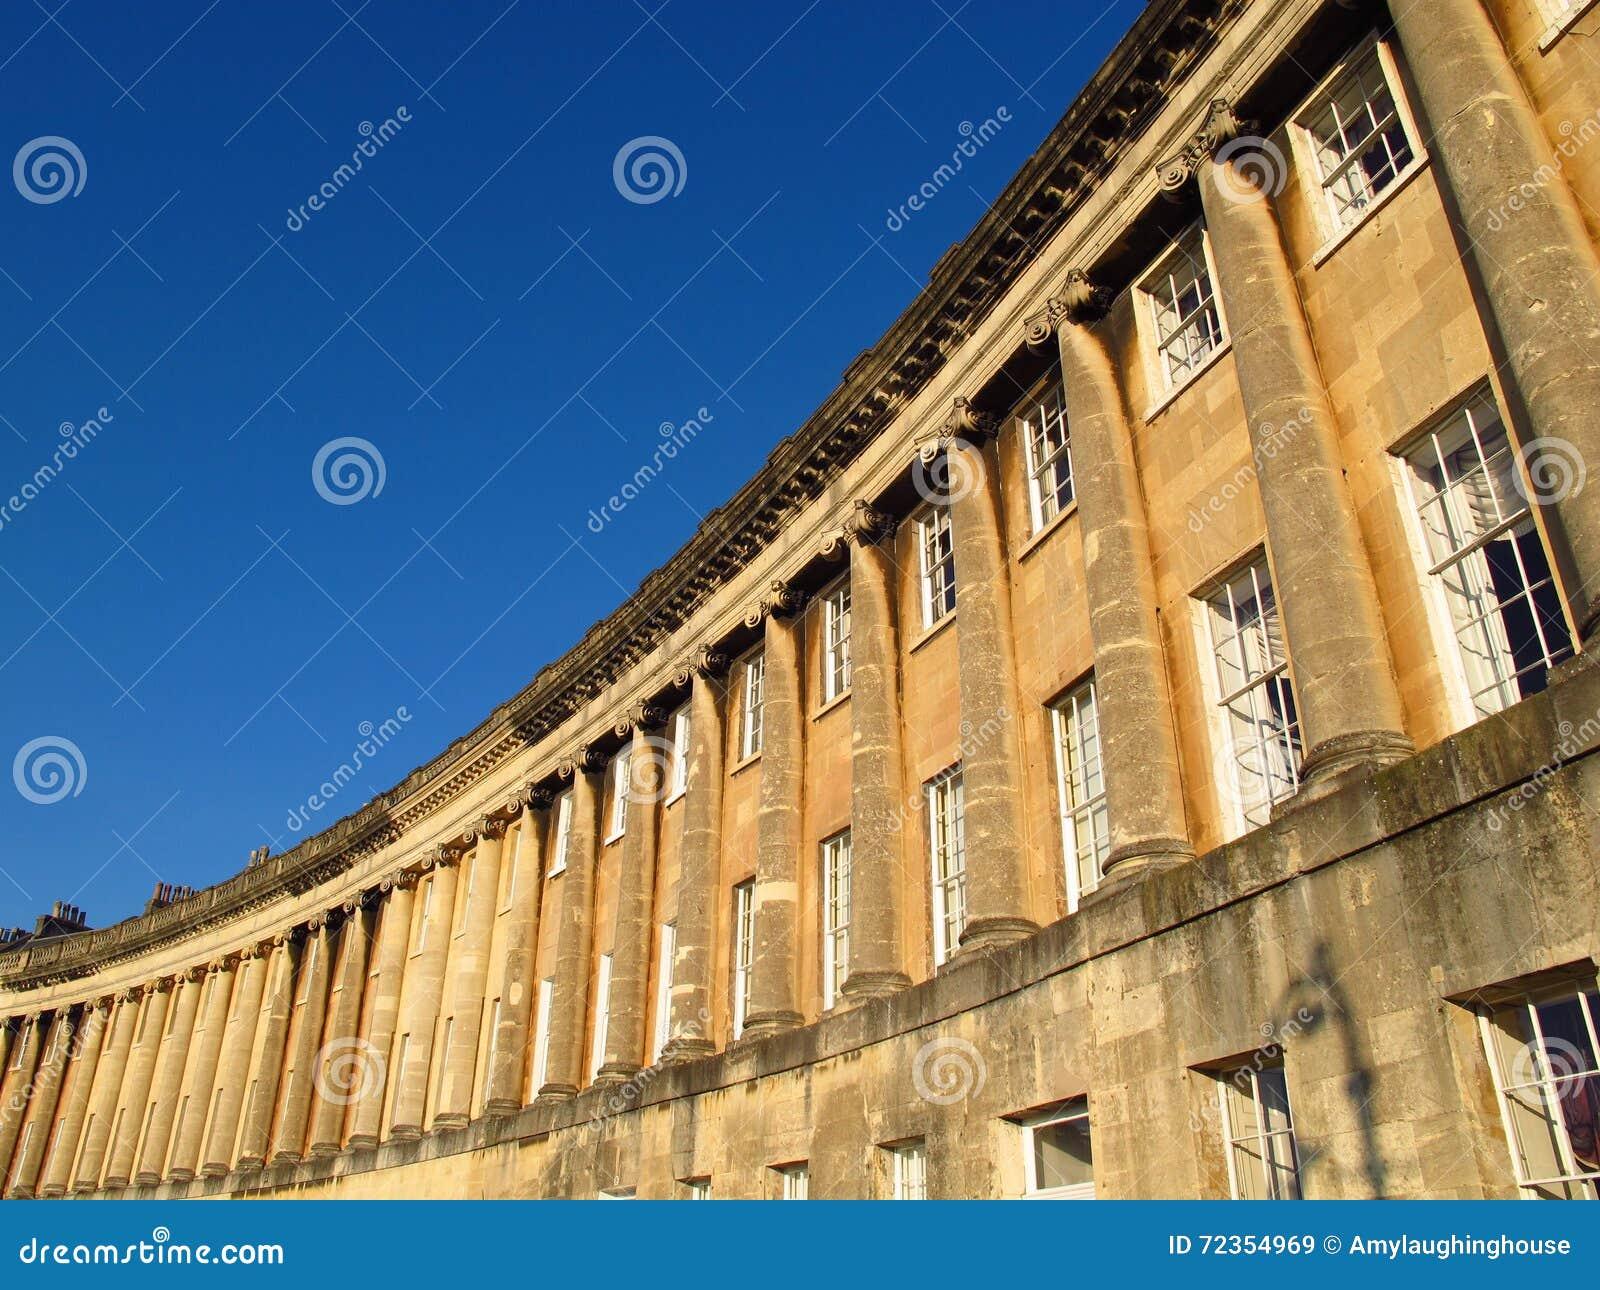 皇家新月巴恩英国英王乔治一世至三世时期建筑学